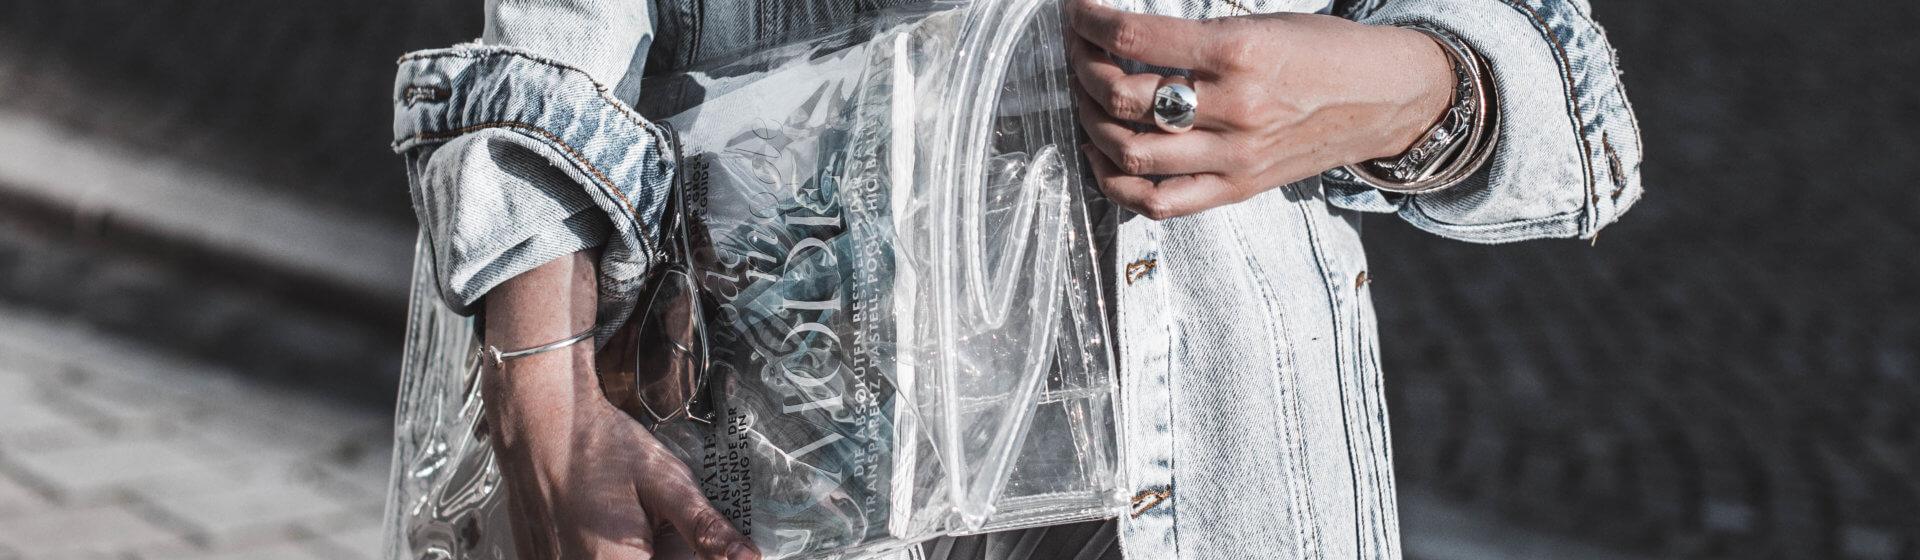 Klarer Trend : durchsichtige Taschen Shoelove Deichmann